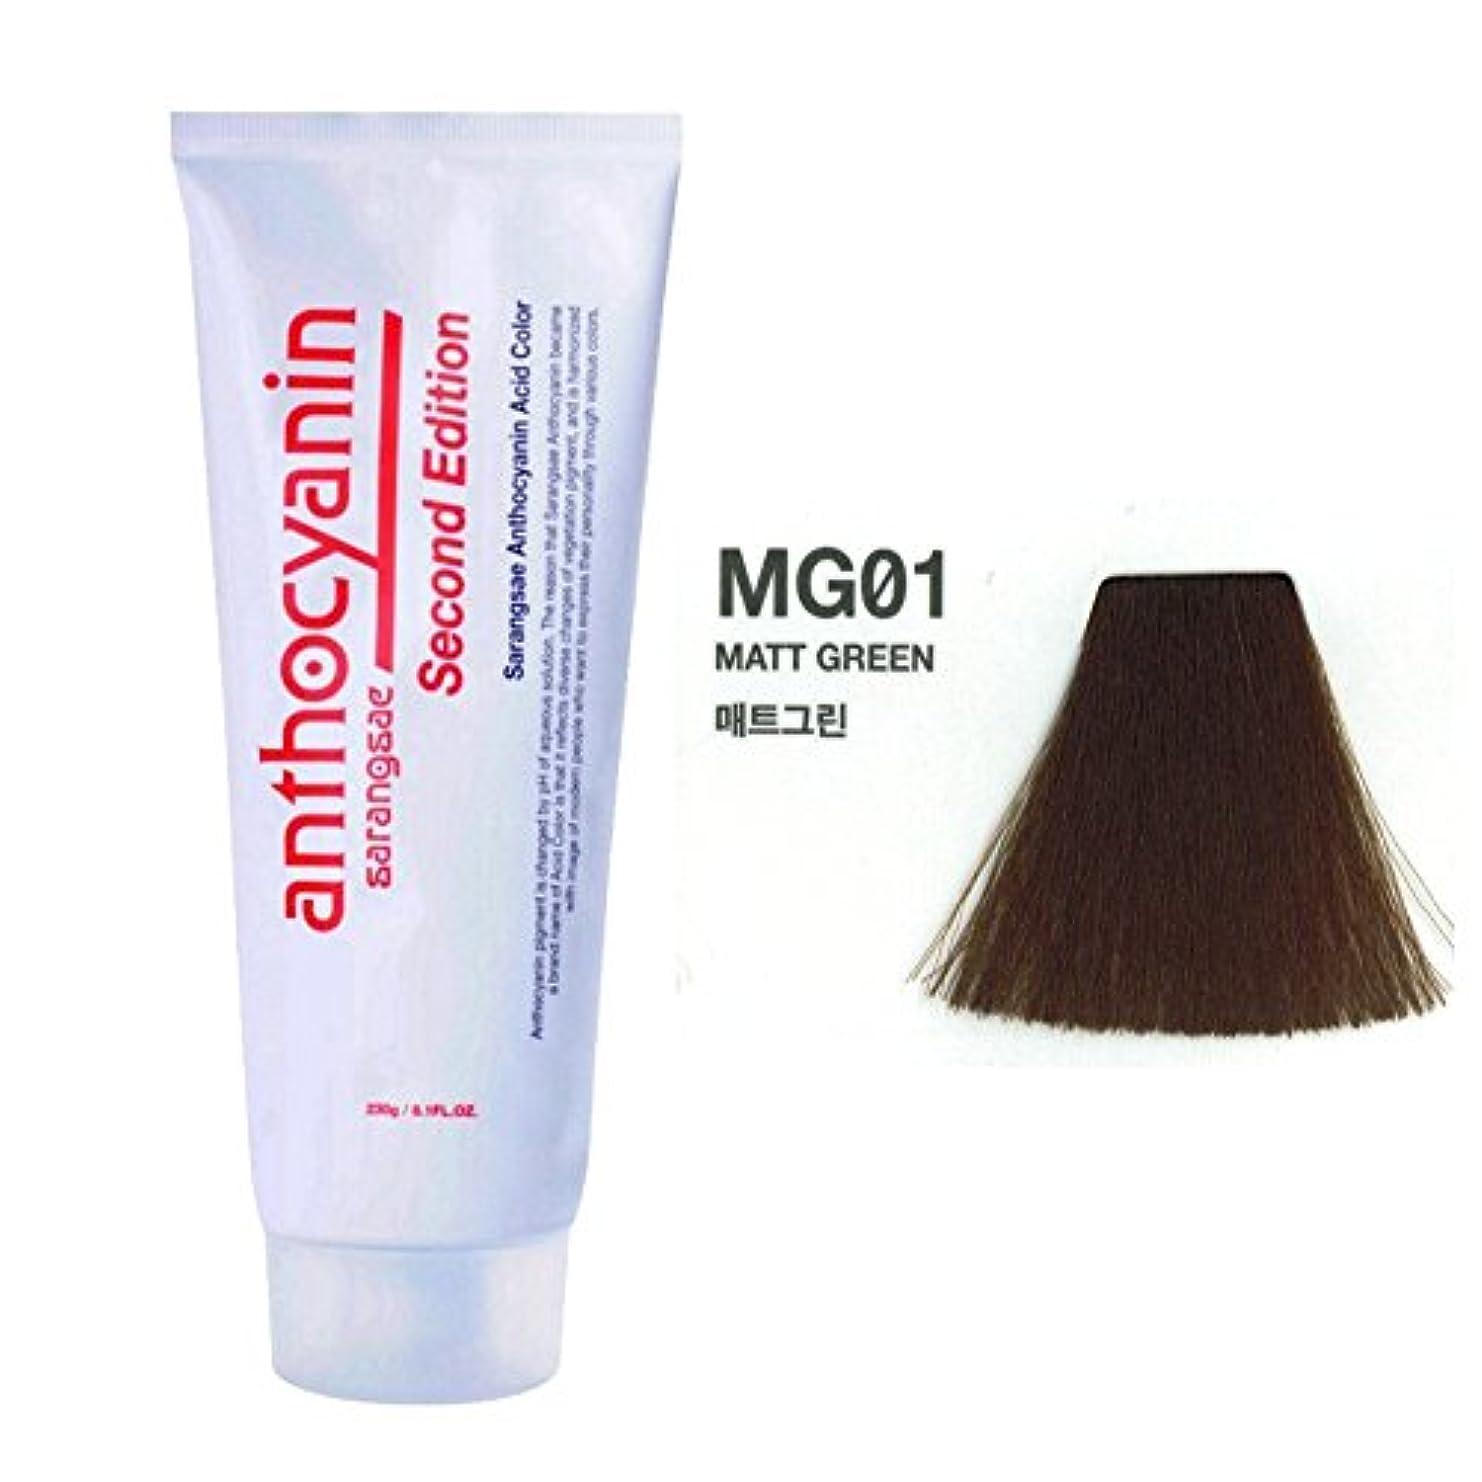 深さ知覚破産ヘア マニキュア カラー セカンド エディション 230g セミ パーマネント 染毛剤 (Hair Manicure Color Second Edition 230g Semi Permanent Hair Dye) [並行輸入品] (MG01 Marr Green)